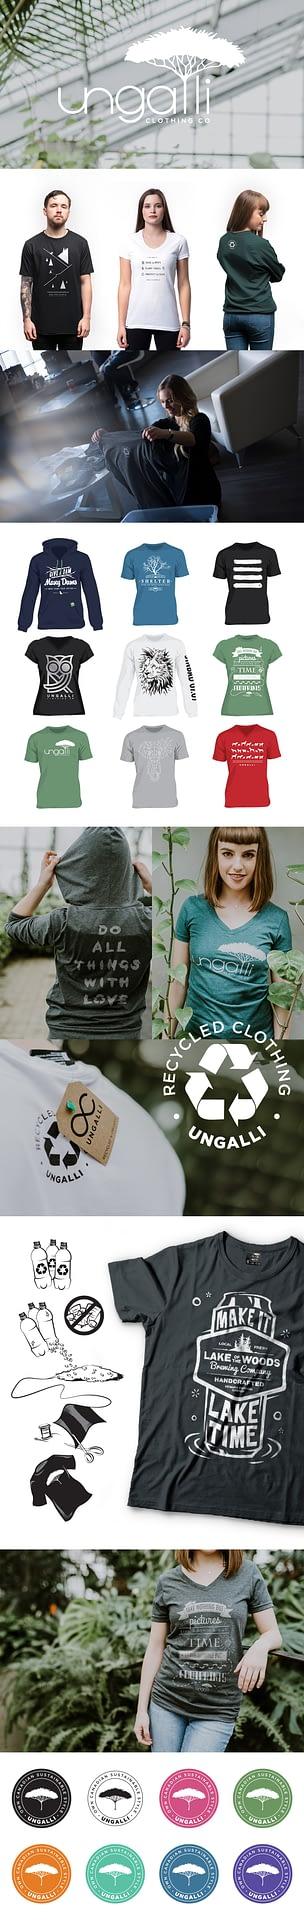 Ungalli Clothing Co